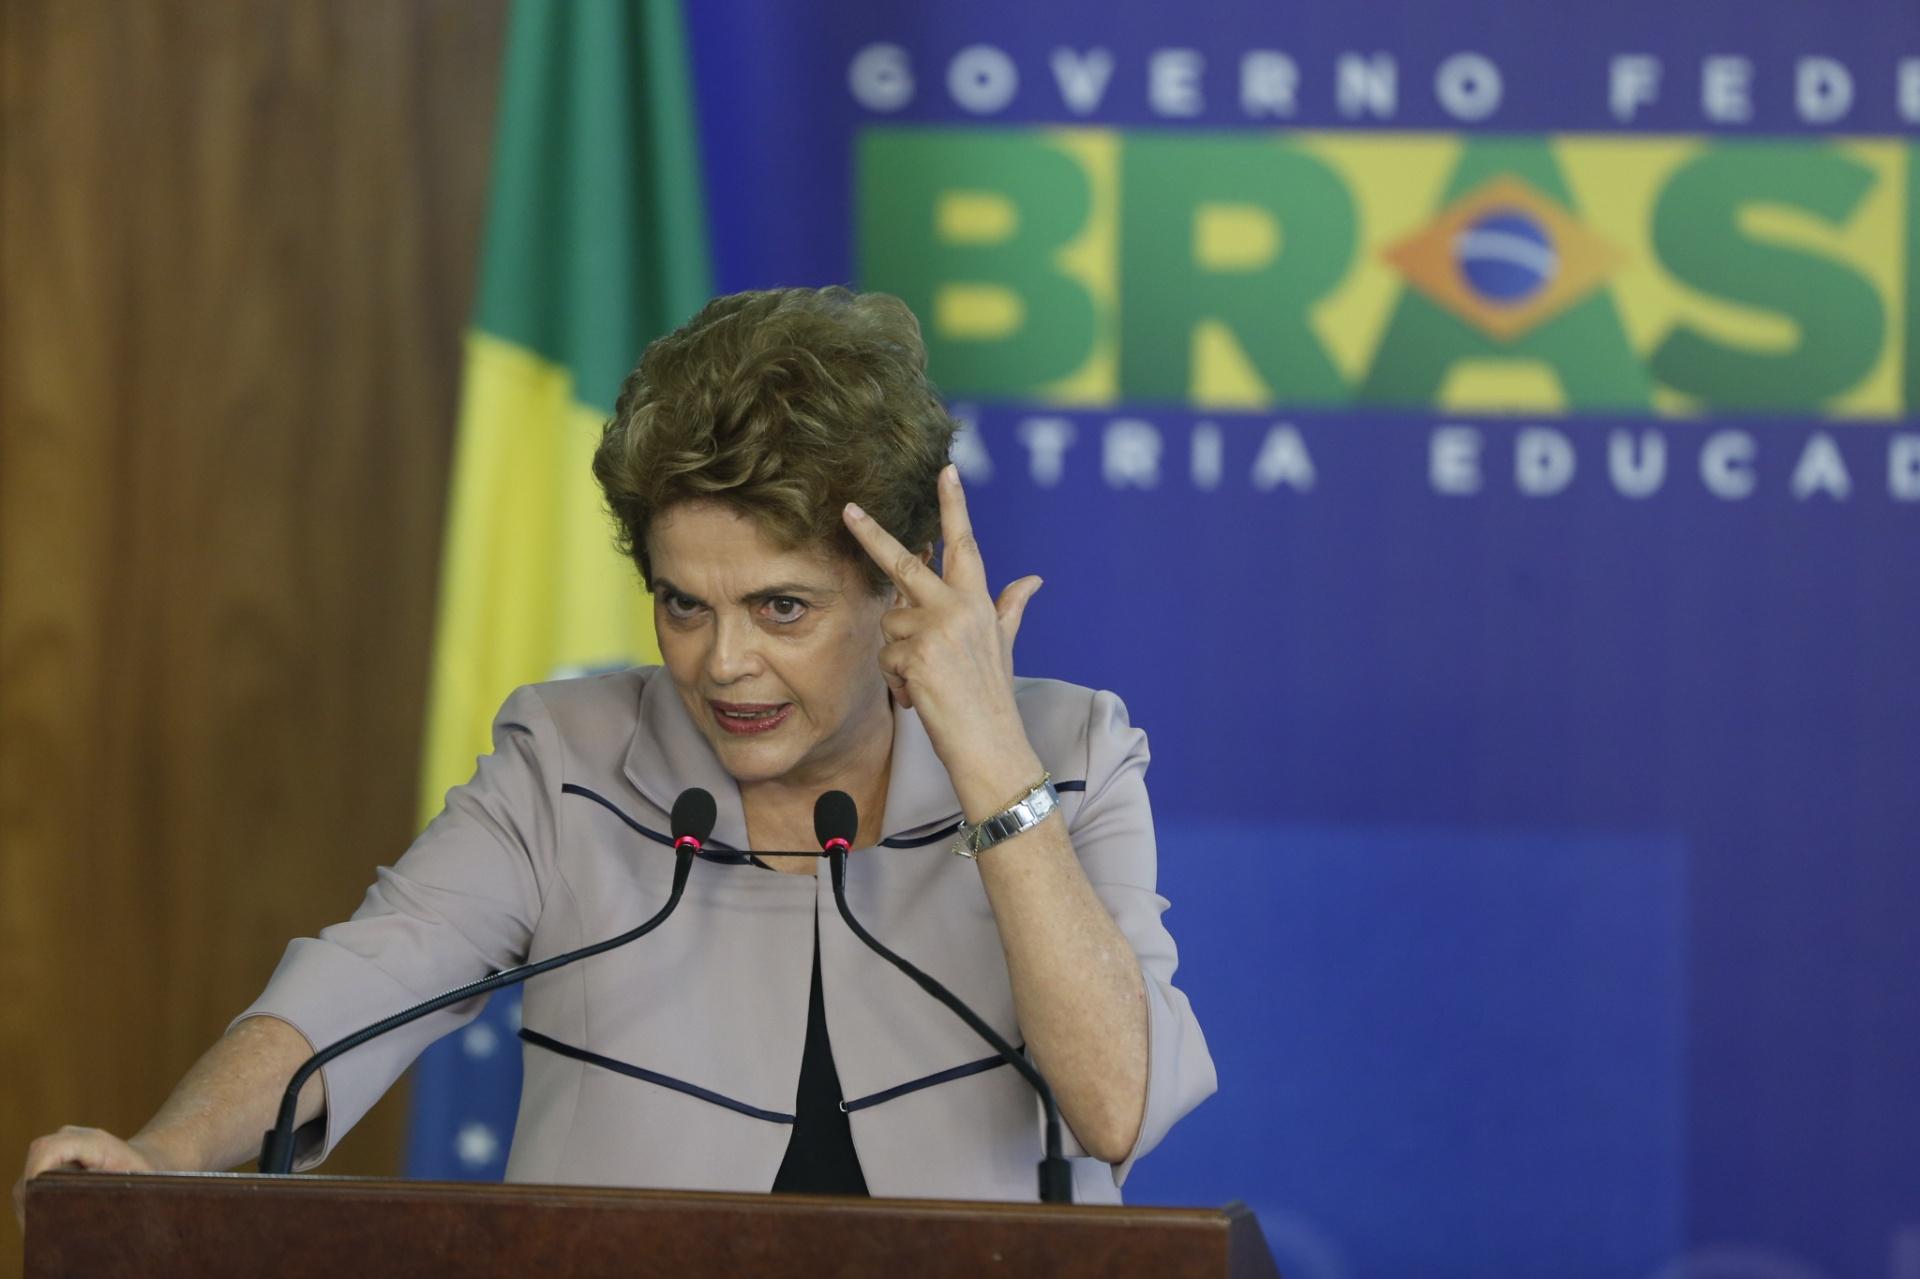 31.mar.2016 - A presidente Dilma Rousseff durante encontro com artistas e intelectuais em defesa da democracia, em Brasília